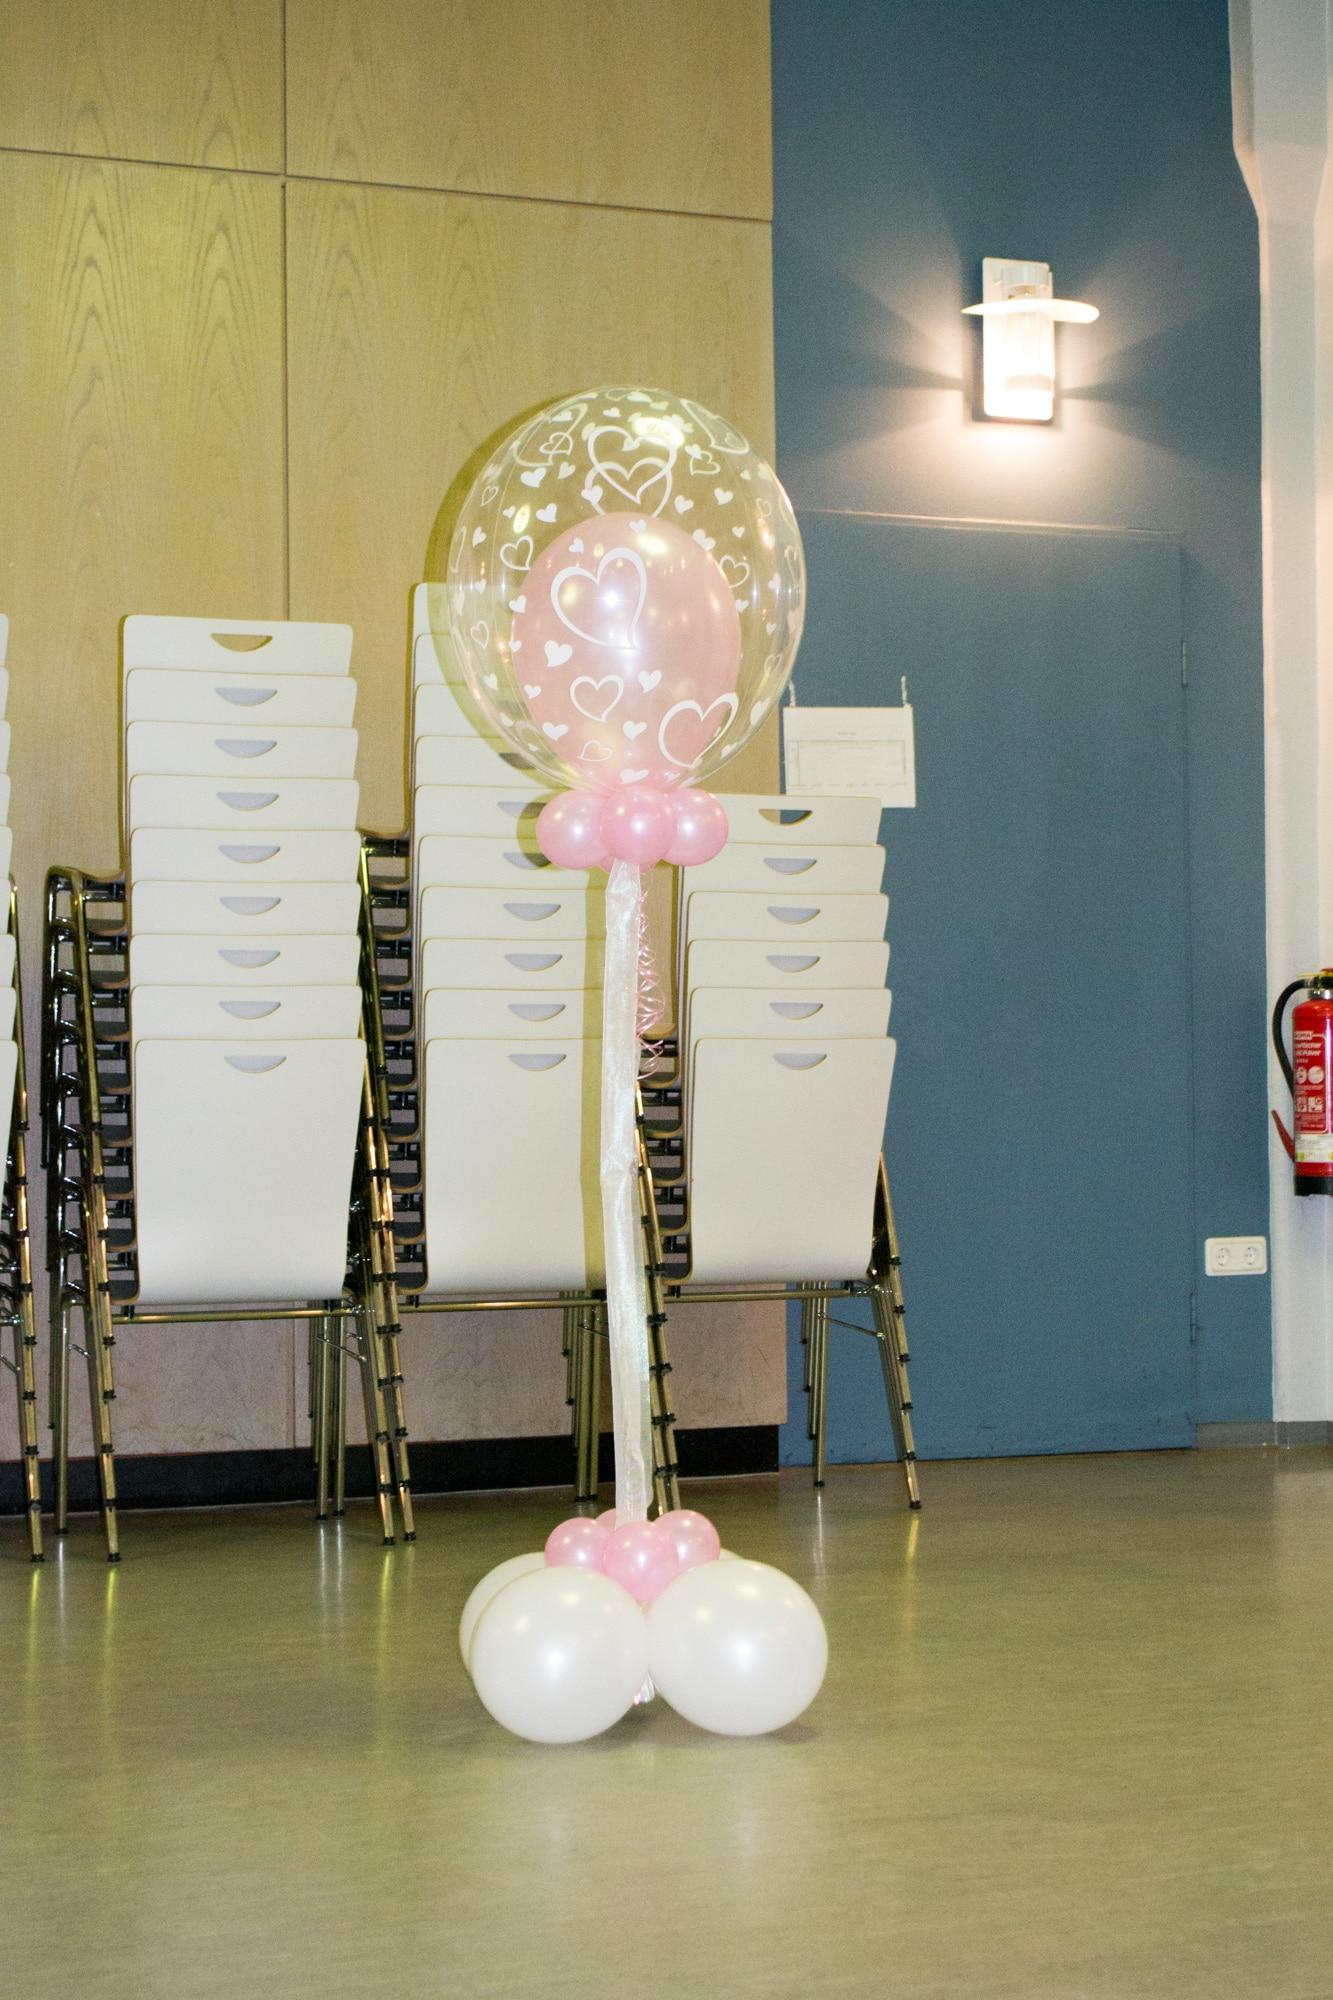 Dekoration aus luftballons lufties ballons - Luftballon deko ...